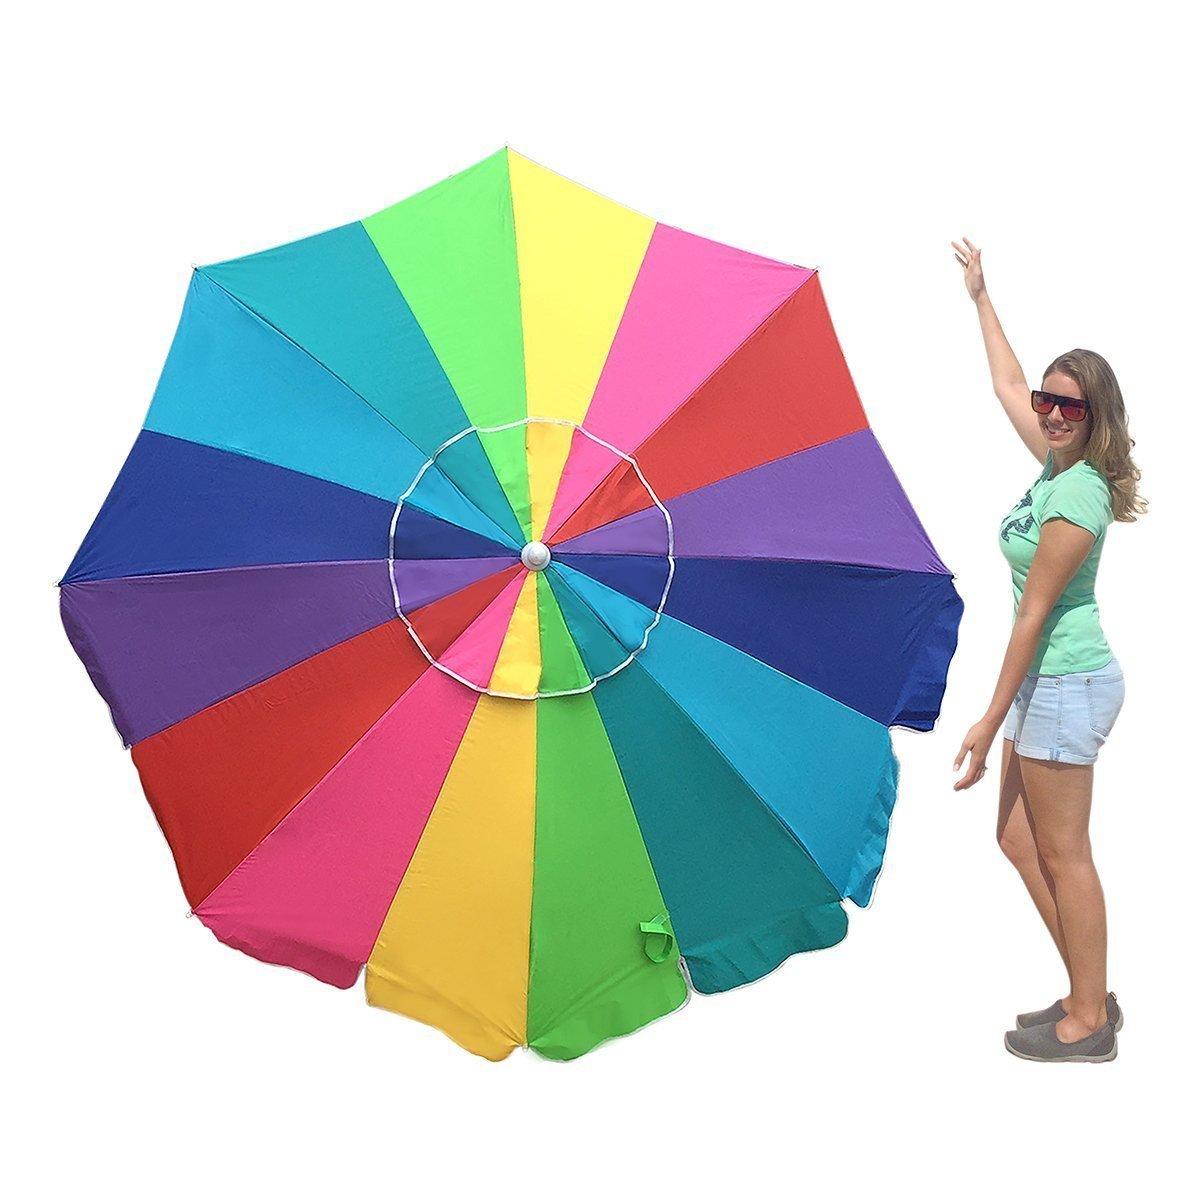 EasyGo 7' Heavy-duty Rainbow Beach Umbrella with Sand Anc...